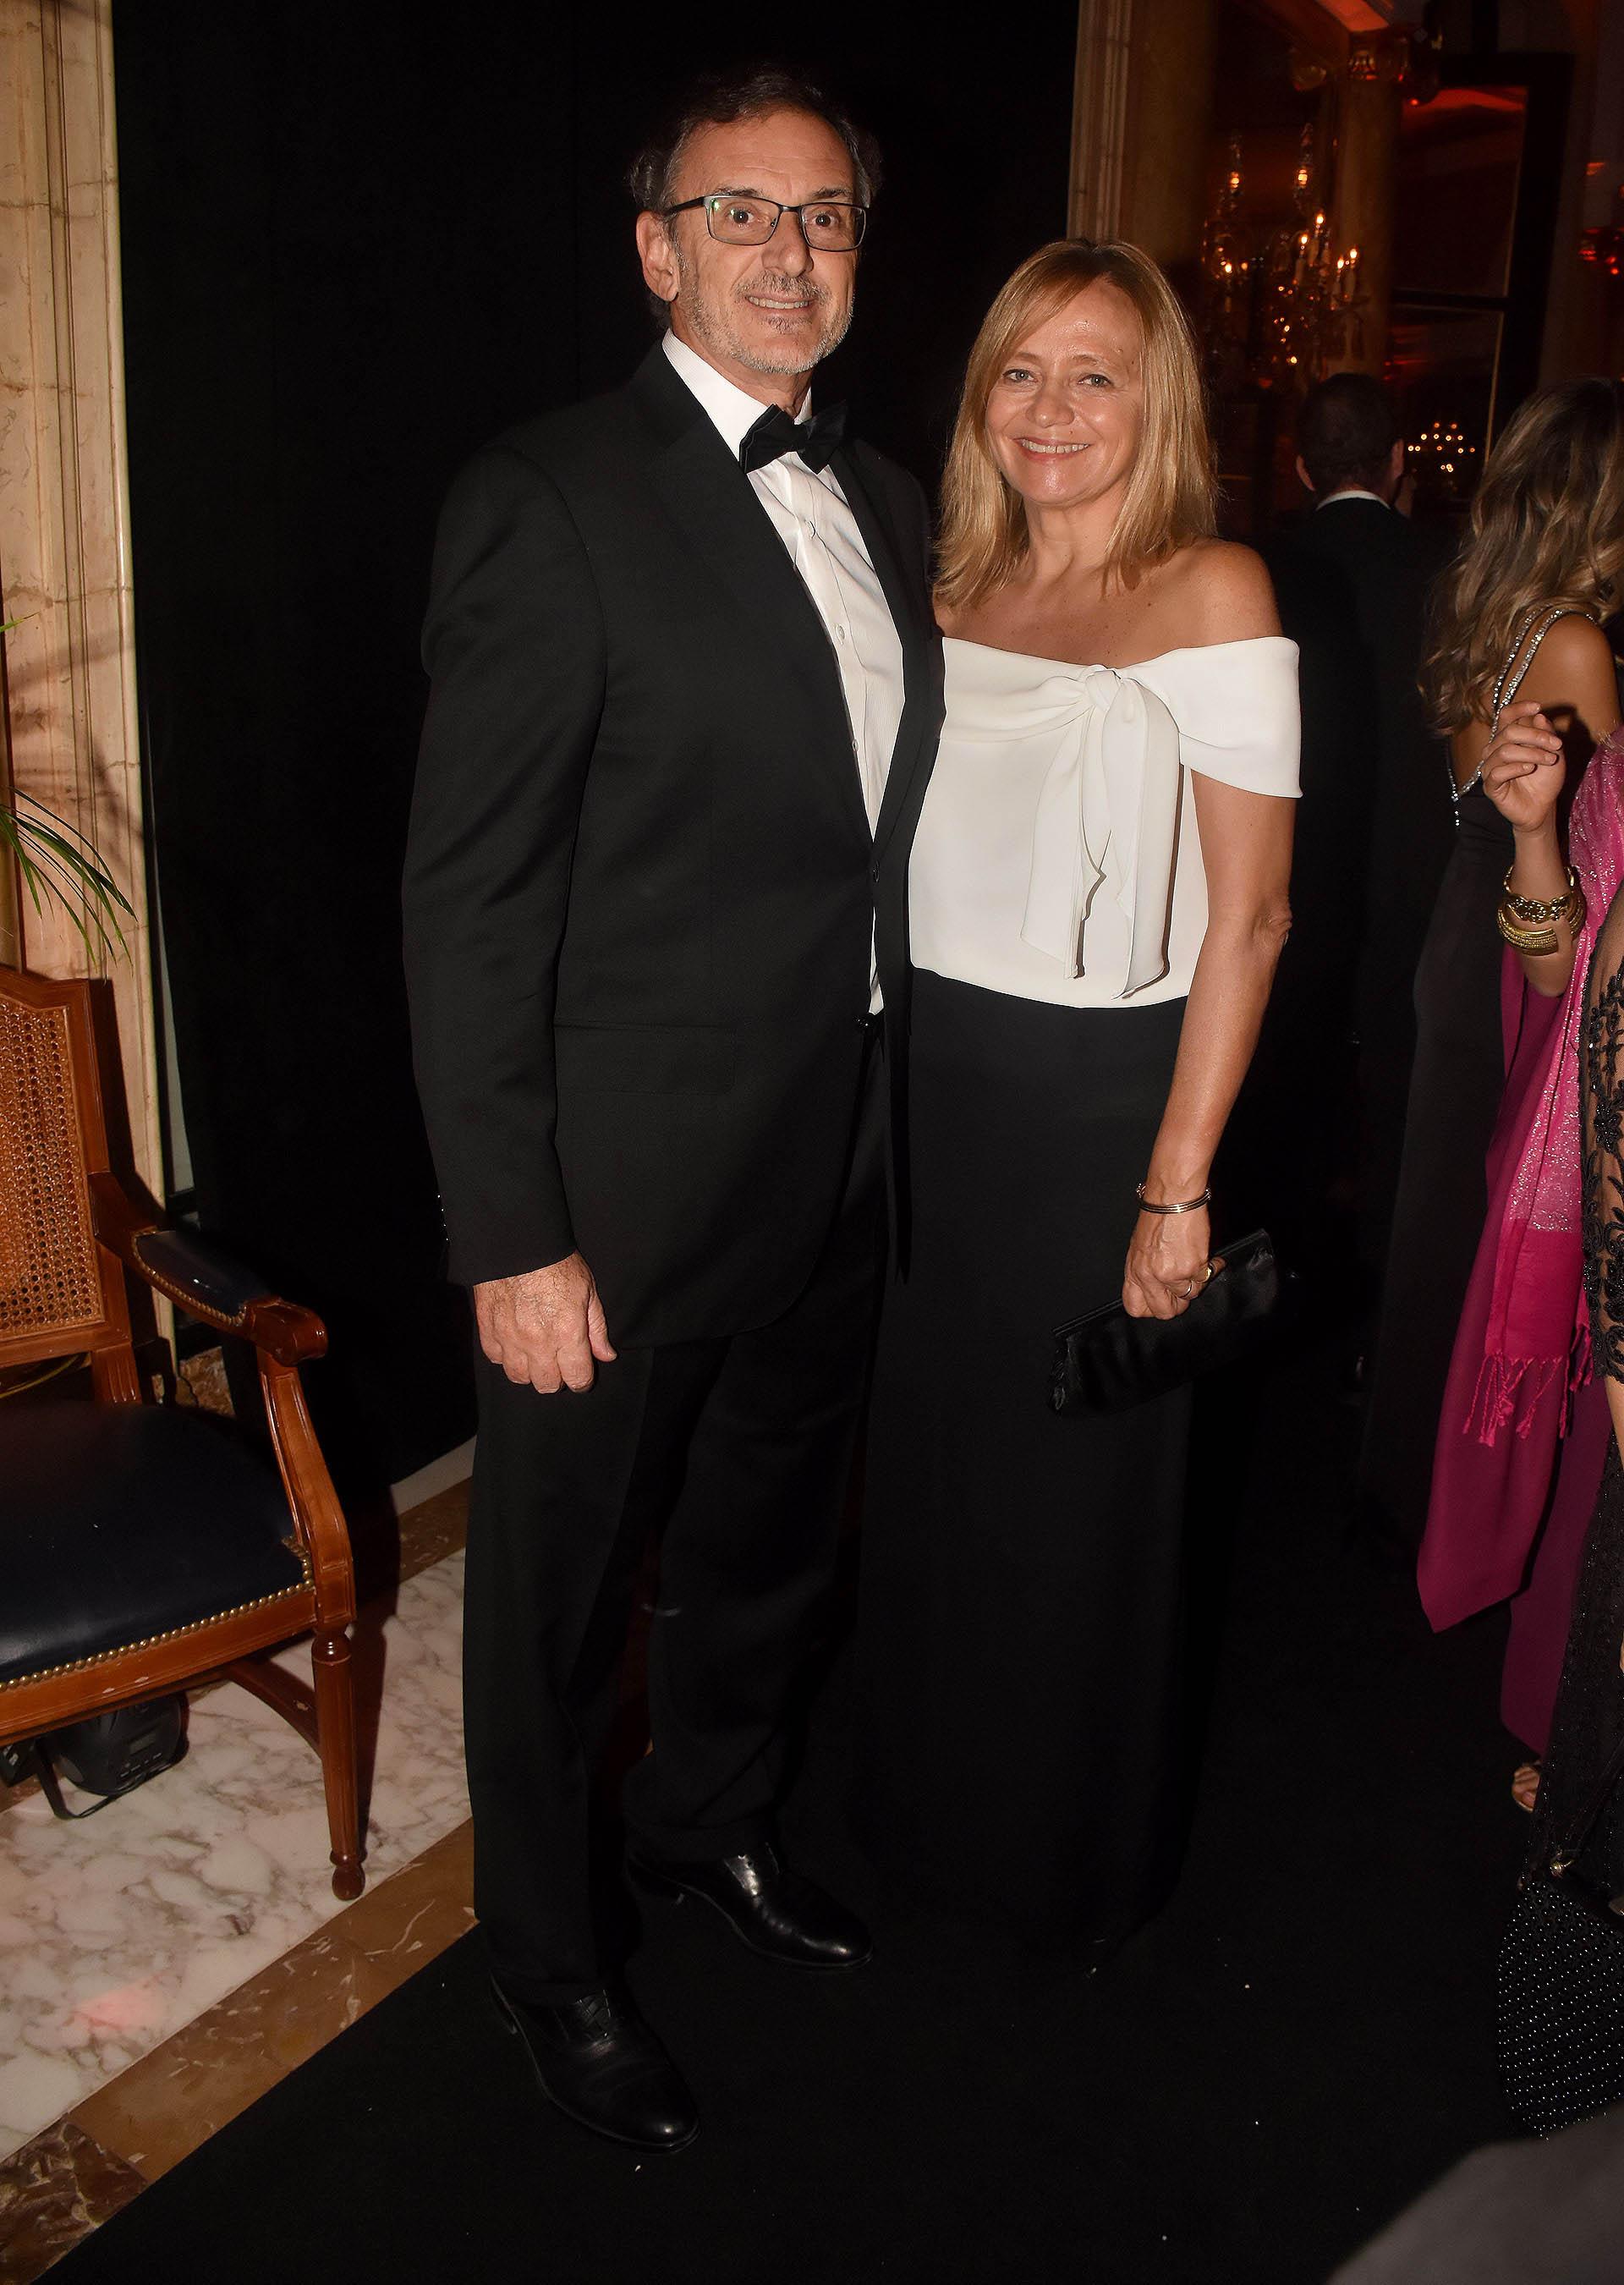 El presidente de la Asociación de Bancos de la Argentina (ABA), Claudio Cesario, y su mujer Nélida Barral